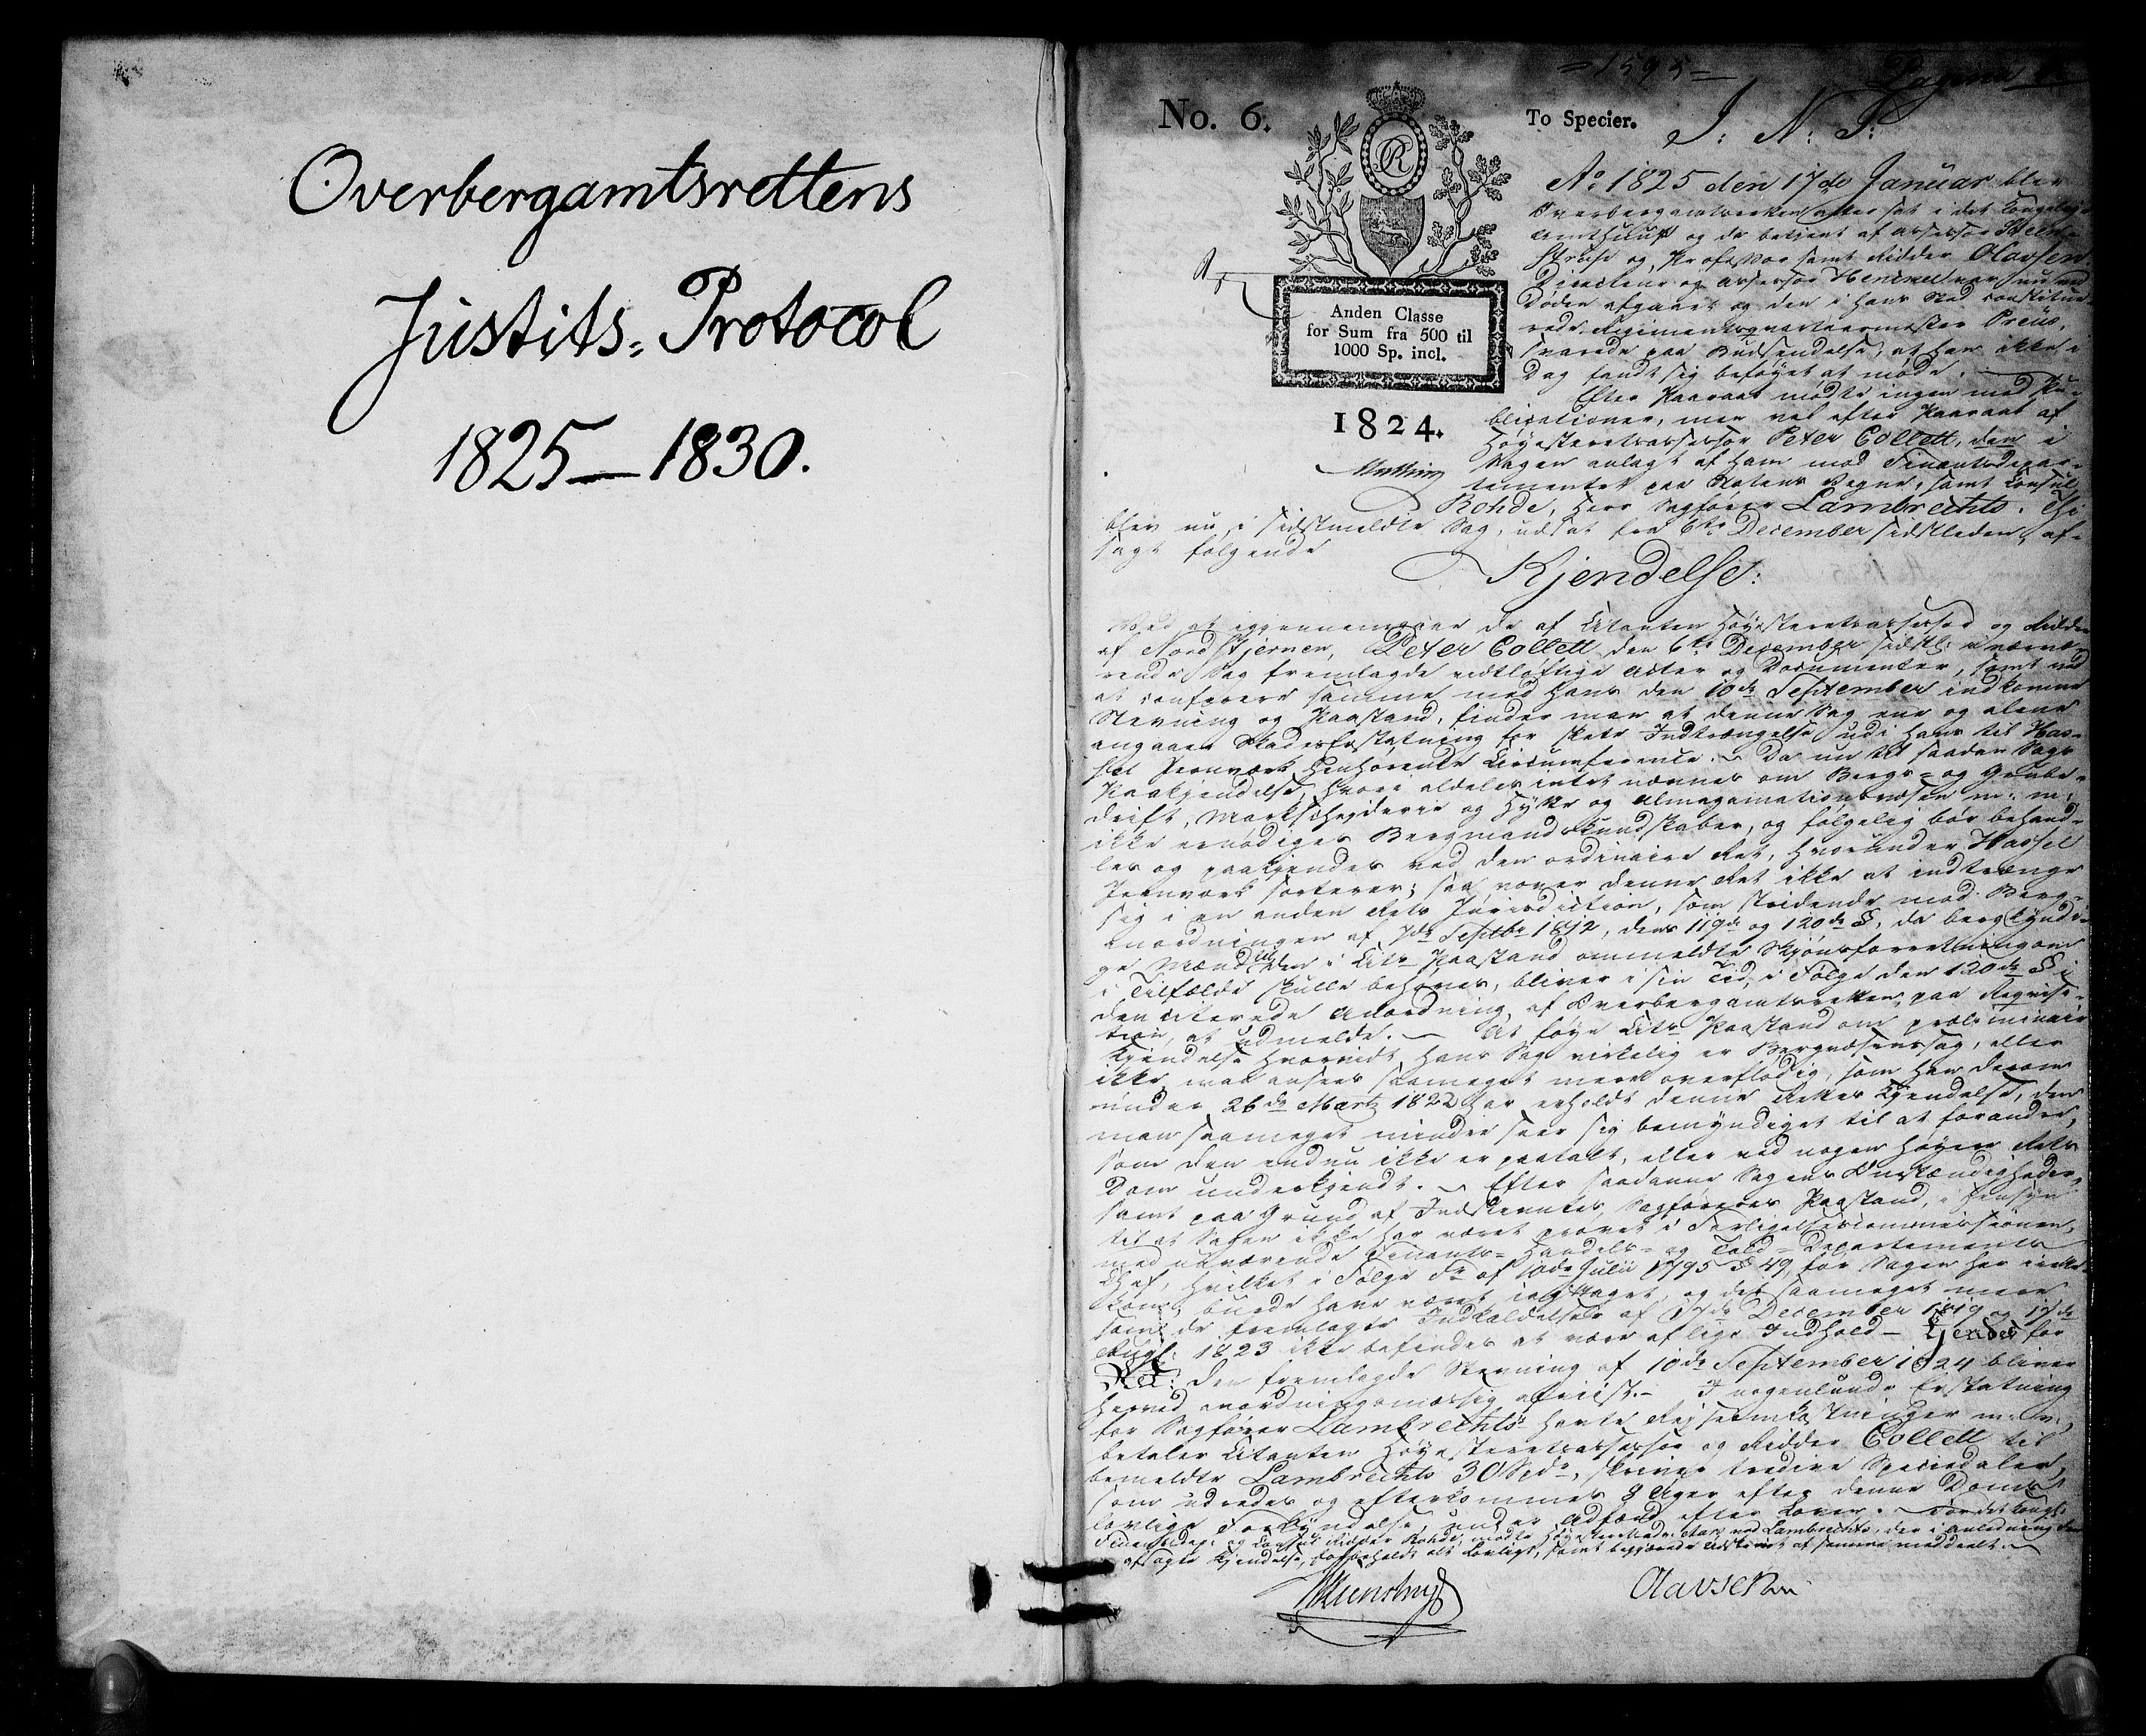 RA, Overbergamtet 1621-1830, K/Ka/L0007: Rettsprotokoll, 1825-1830, s. 0-1